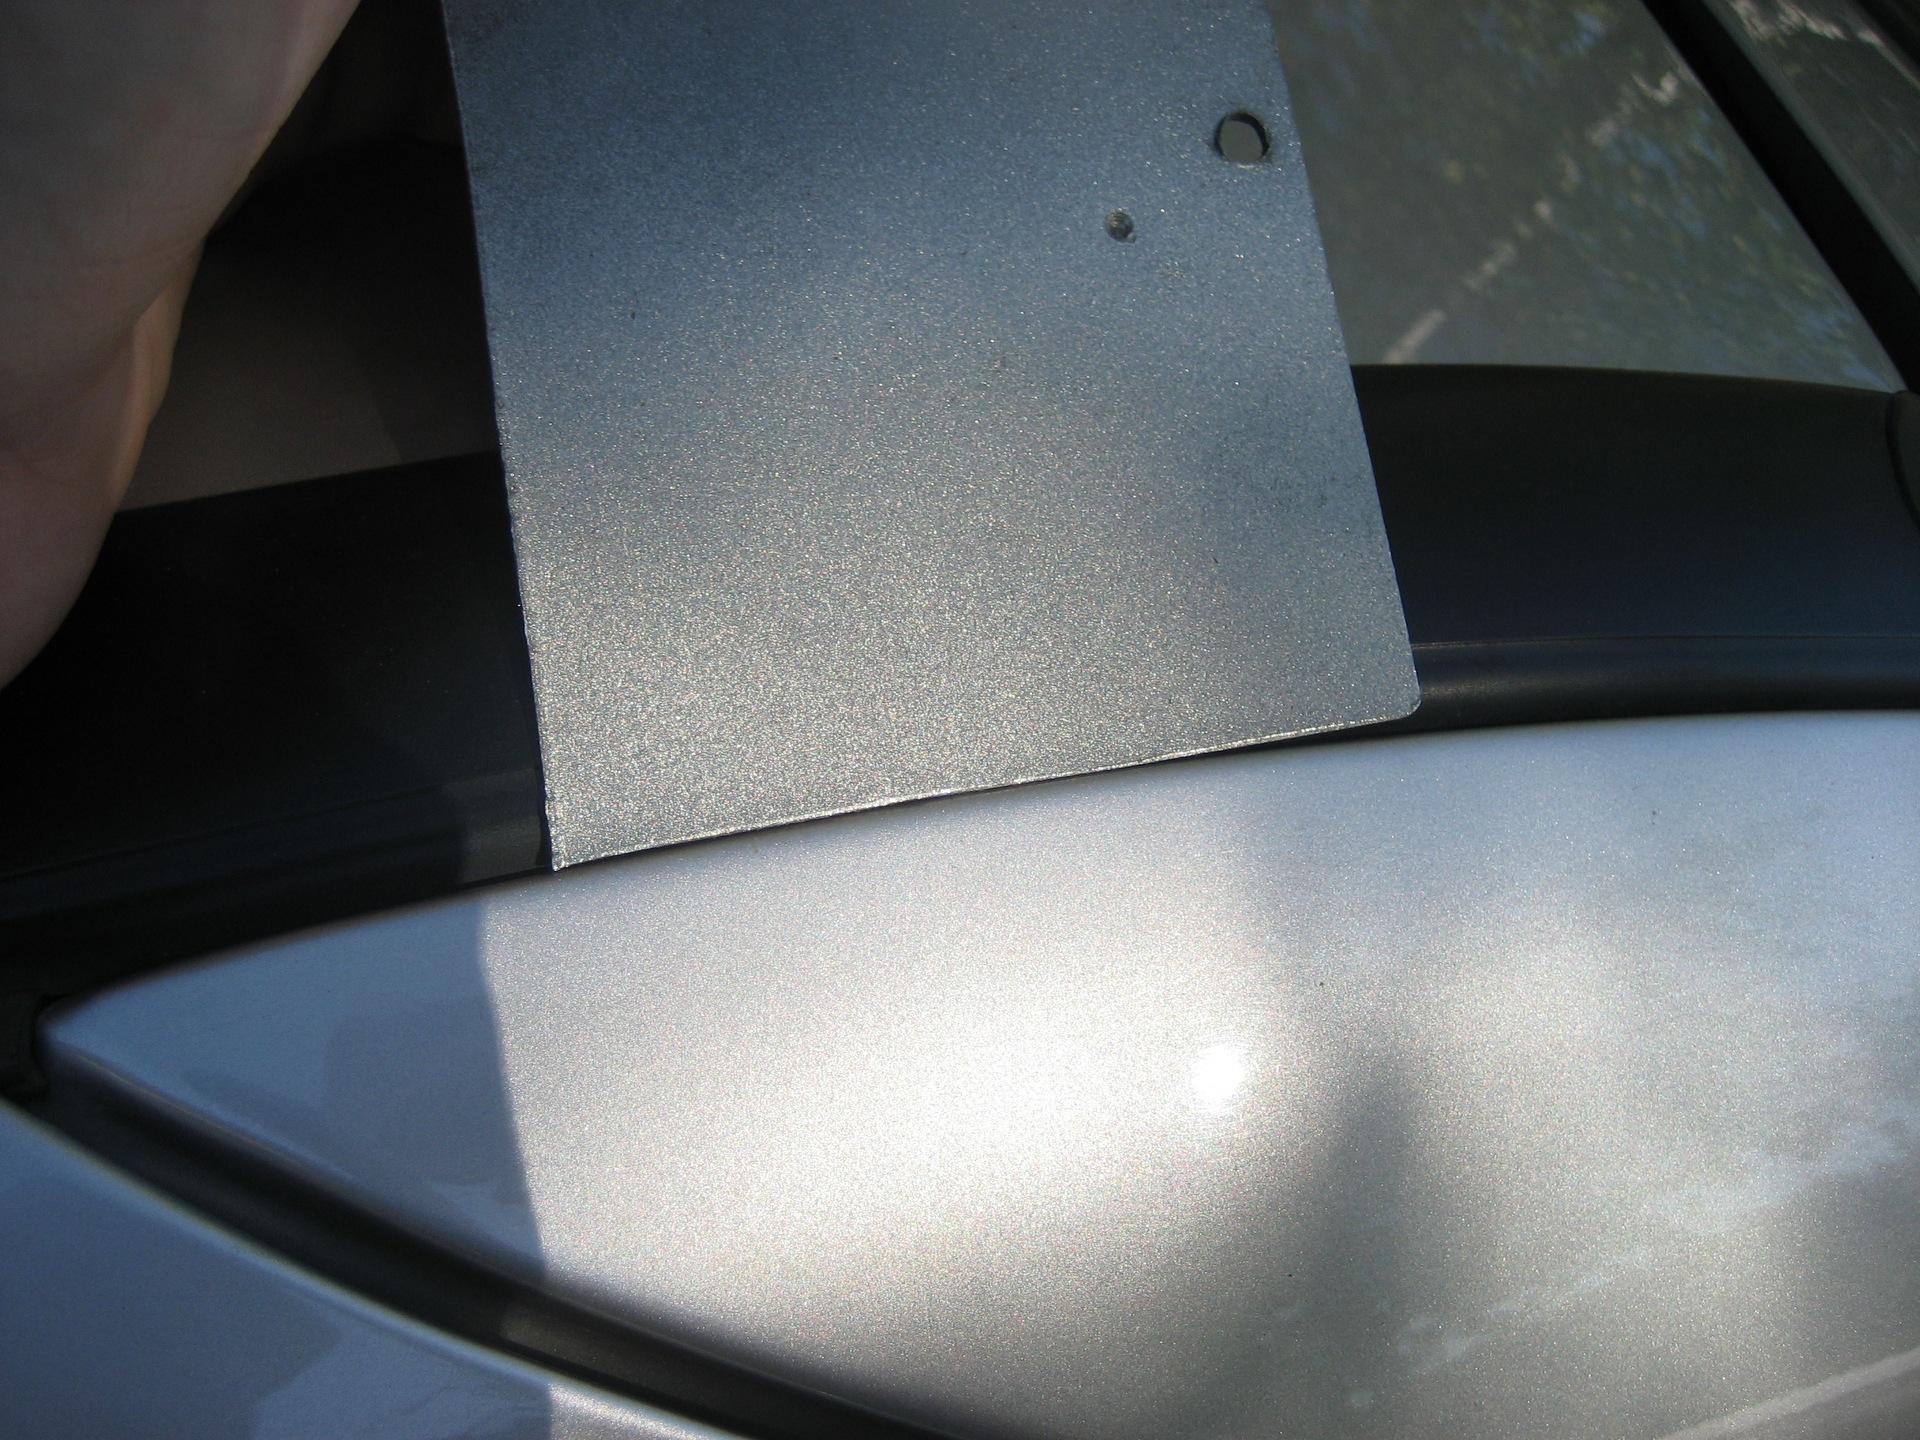 Чери амулет подбор краски где находится блок центрального замка чери амулет